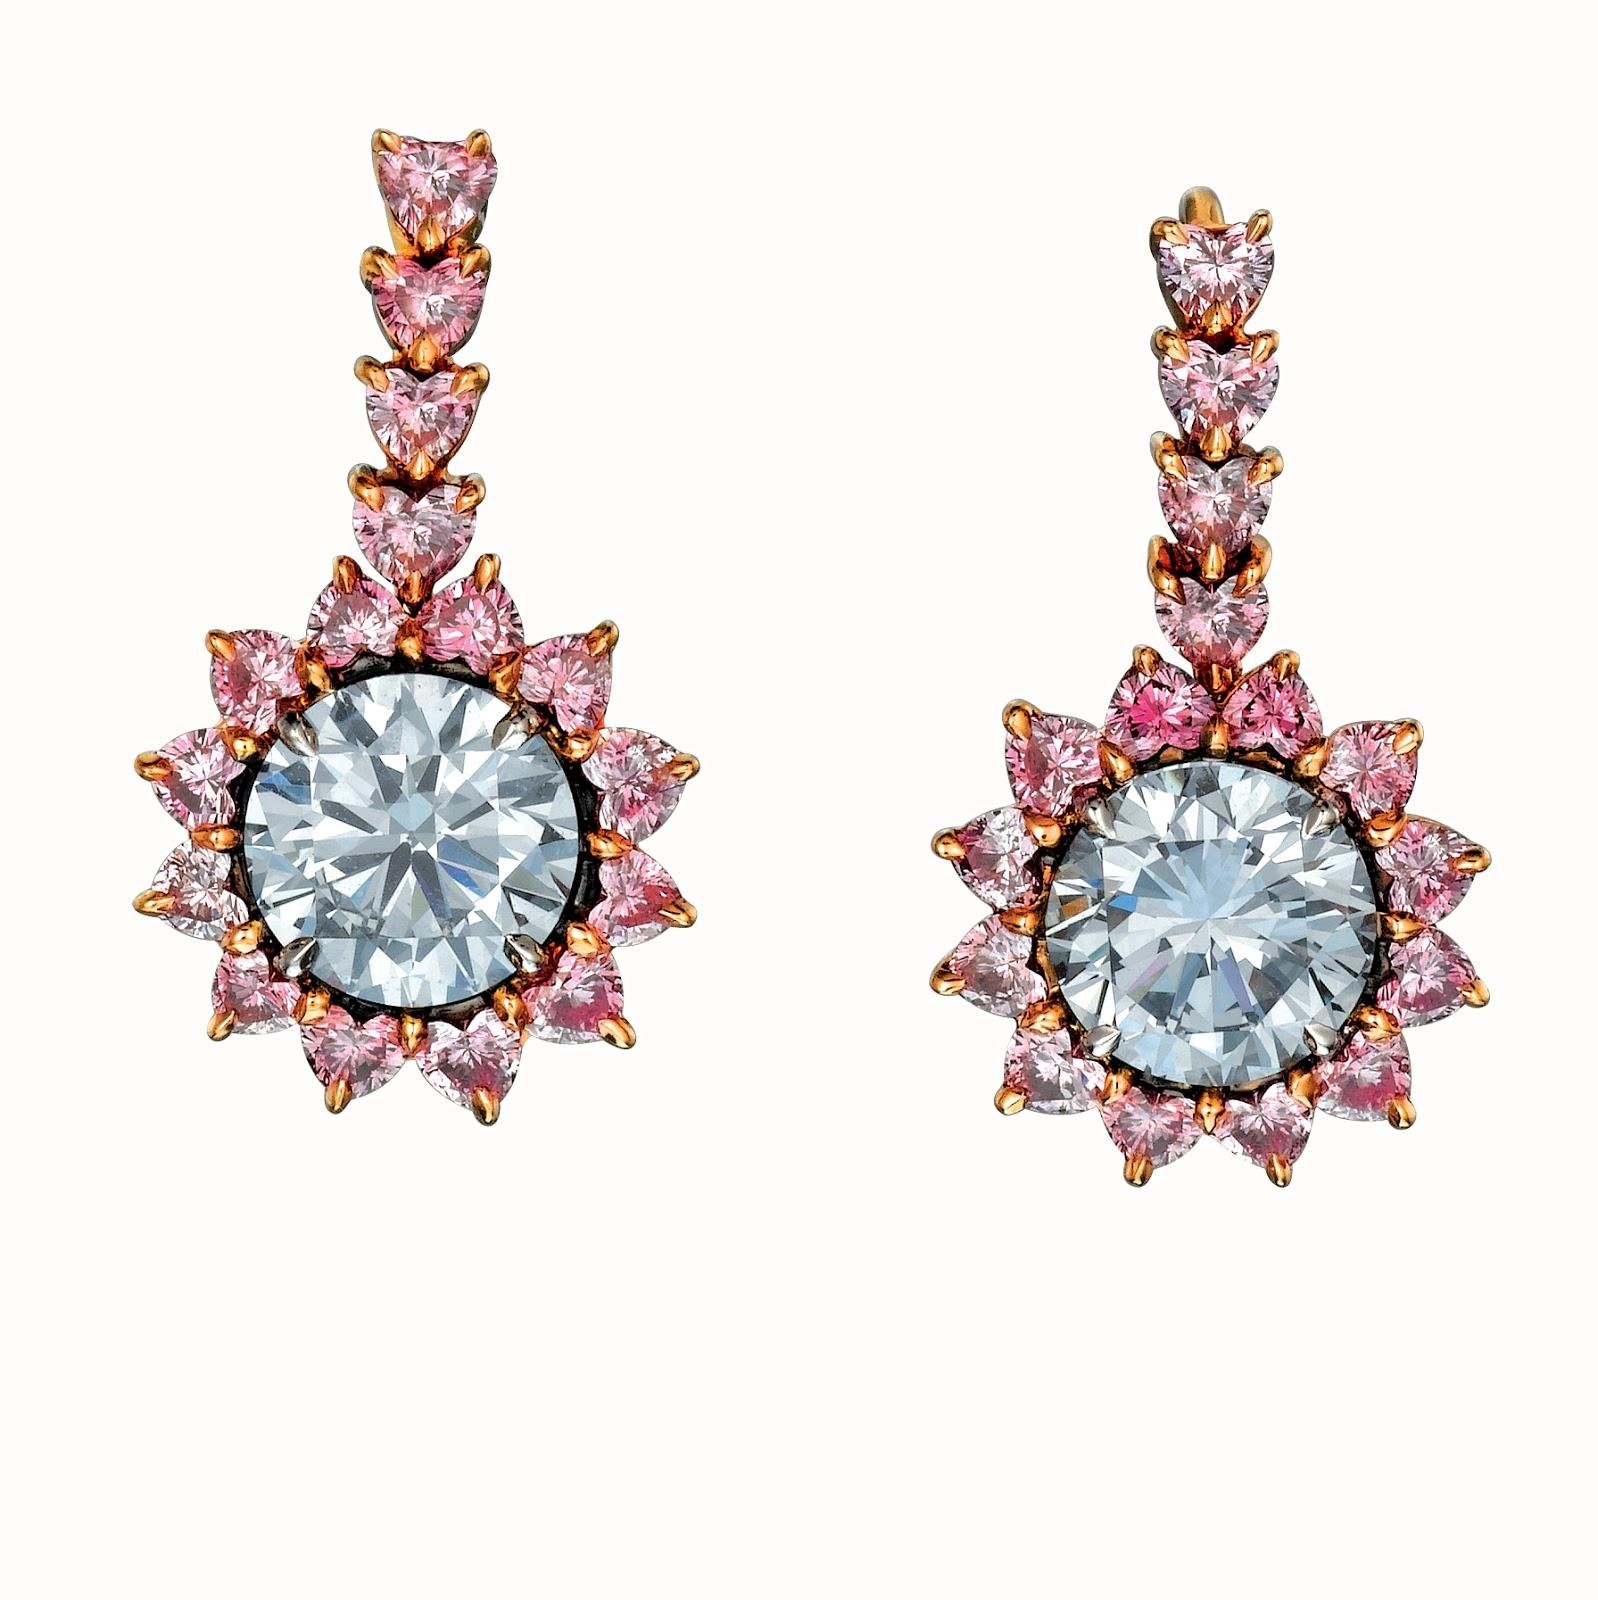 Jewelry News Network The Spectacular Jewelry News Network Jewelry